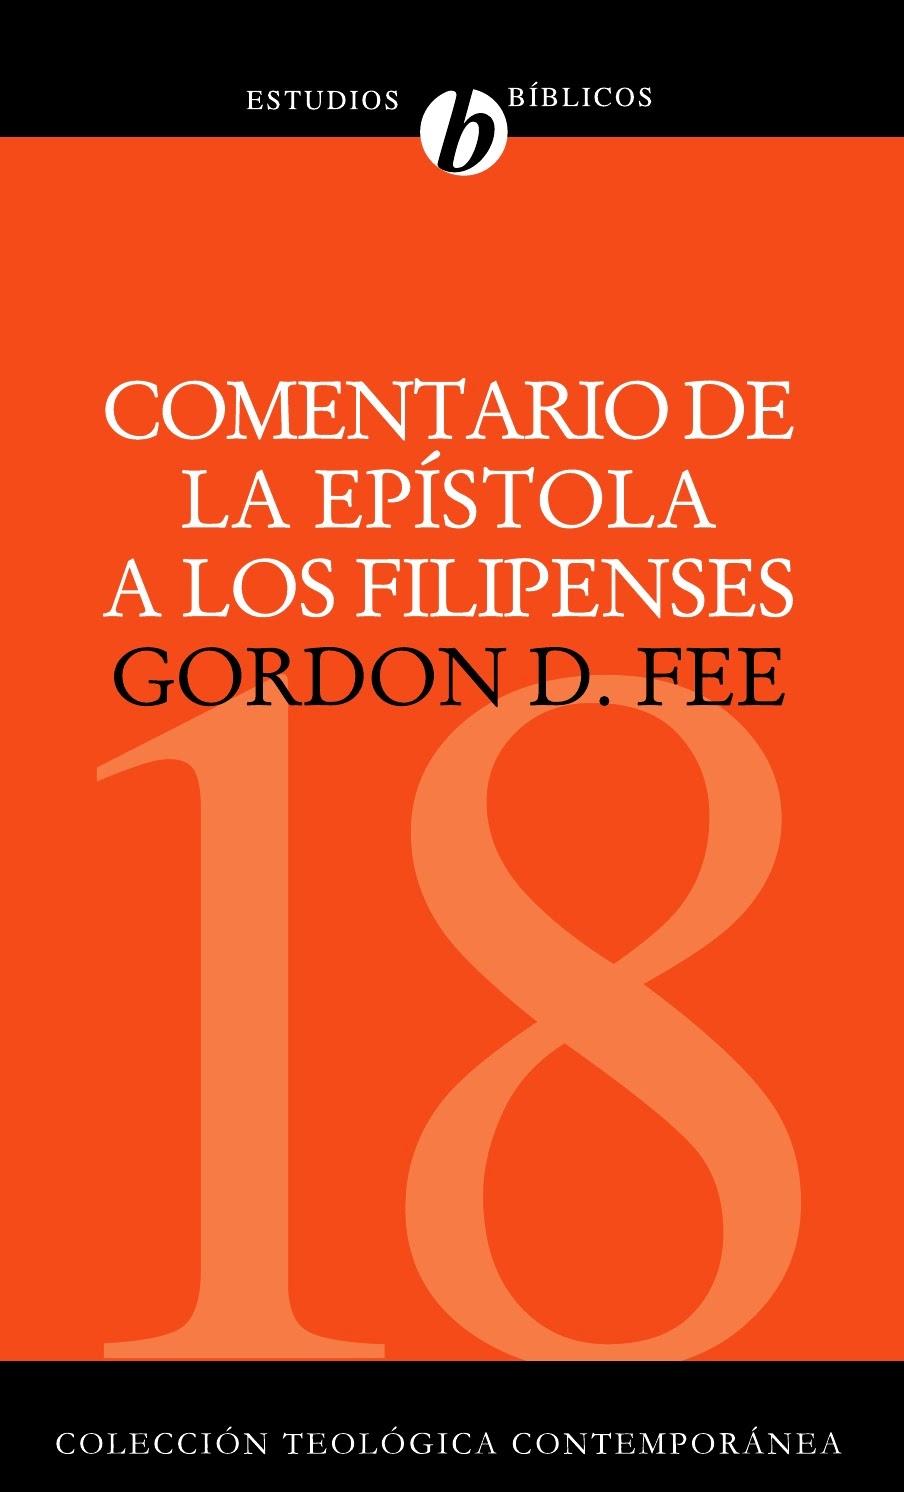 Gordon D. Fee-Comentario De La Epístola a Los Filipenses-